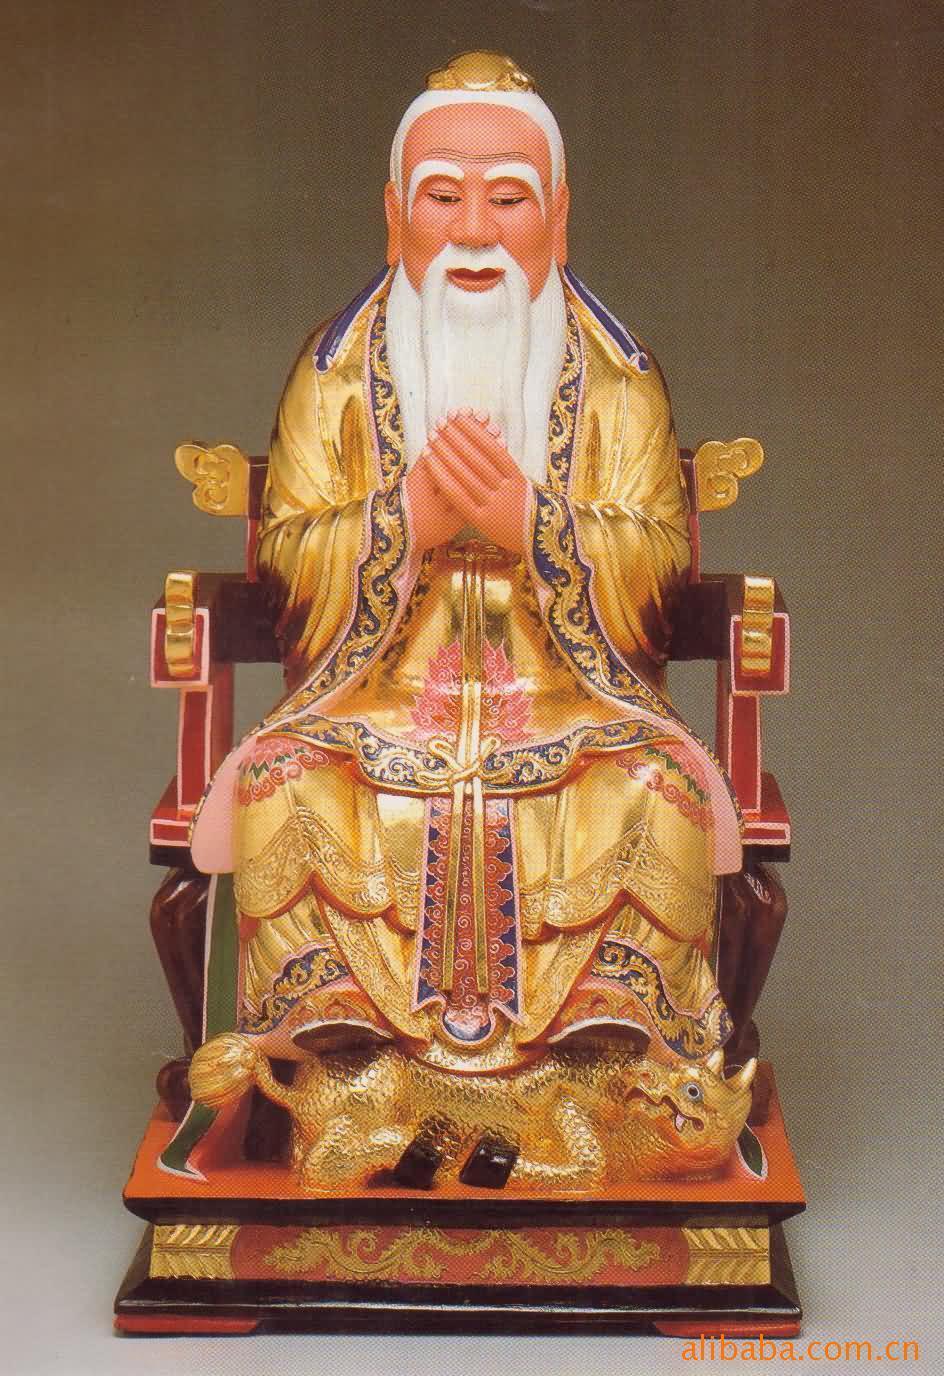 汉代木雕佛像图片大全